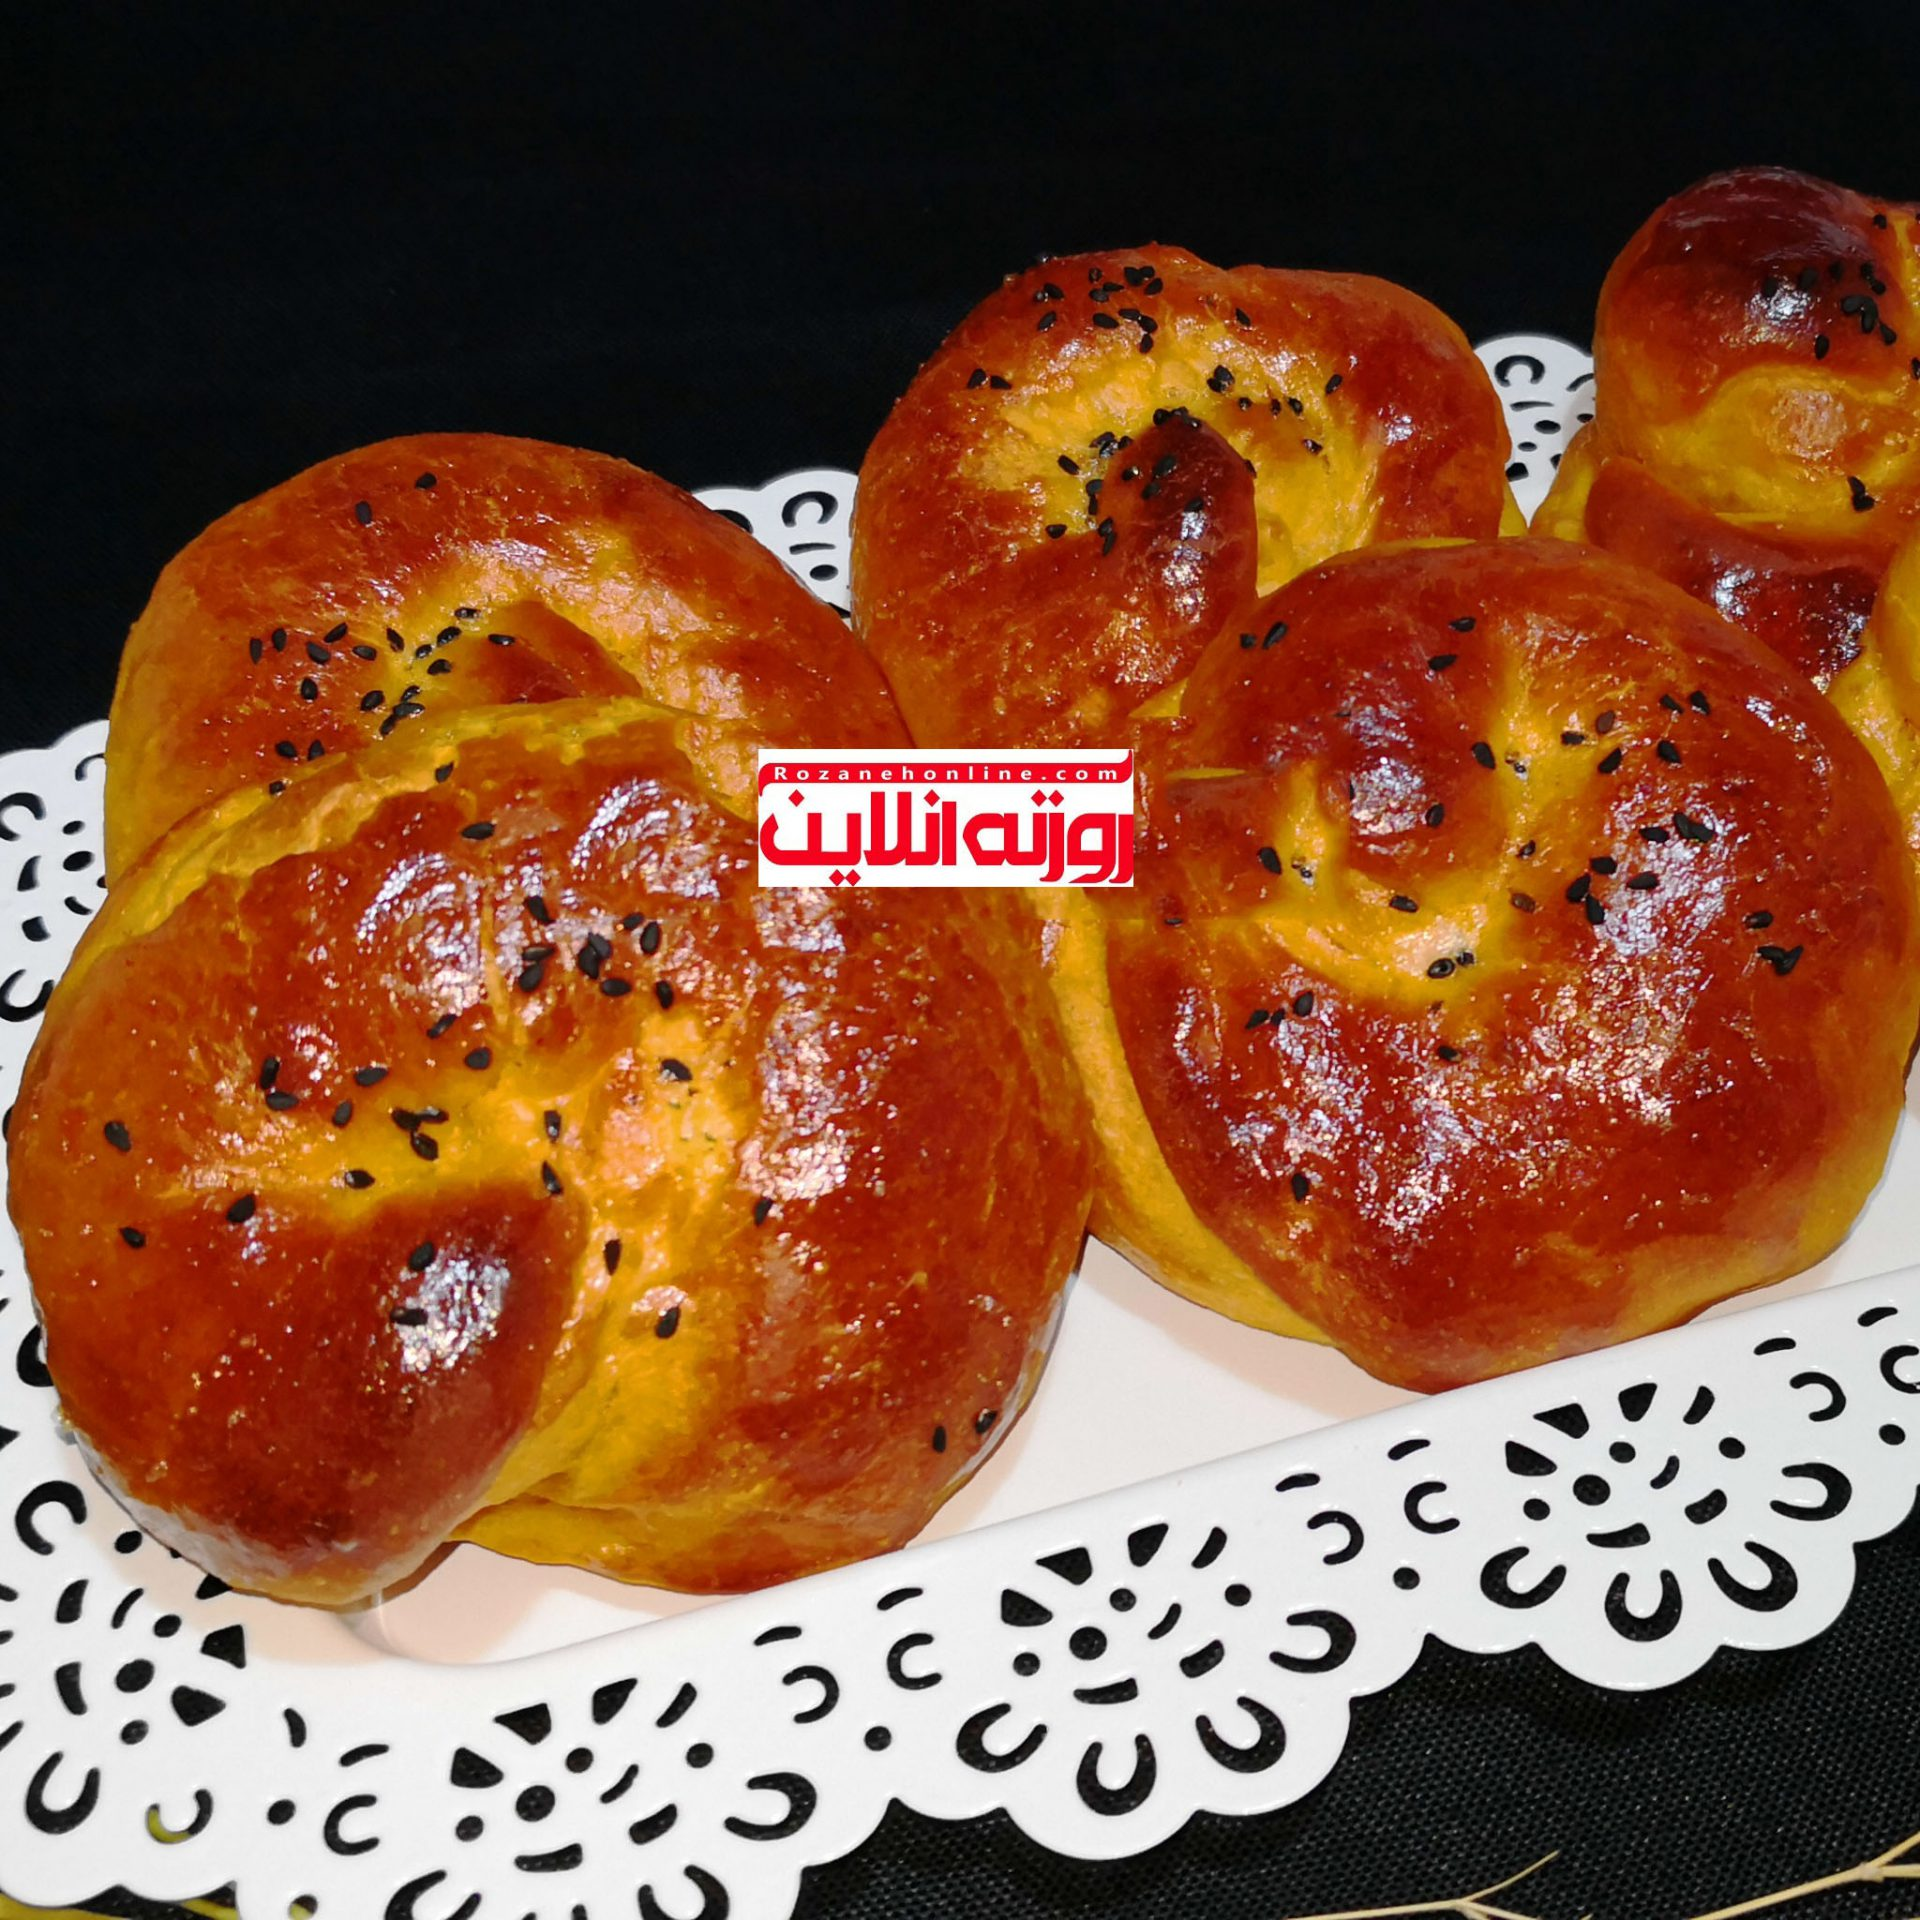 بقچه سیب زمینی با استفاده از رب گوجه فرنگی